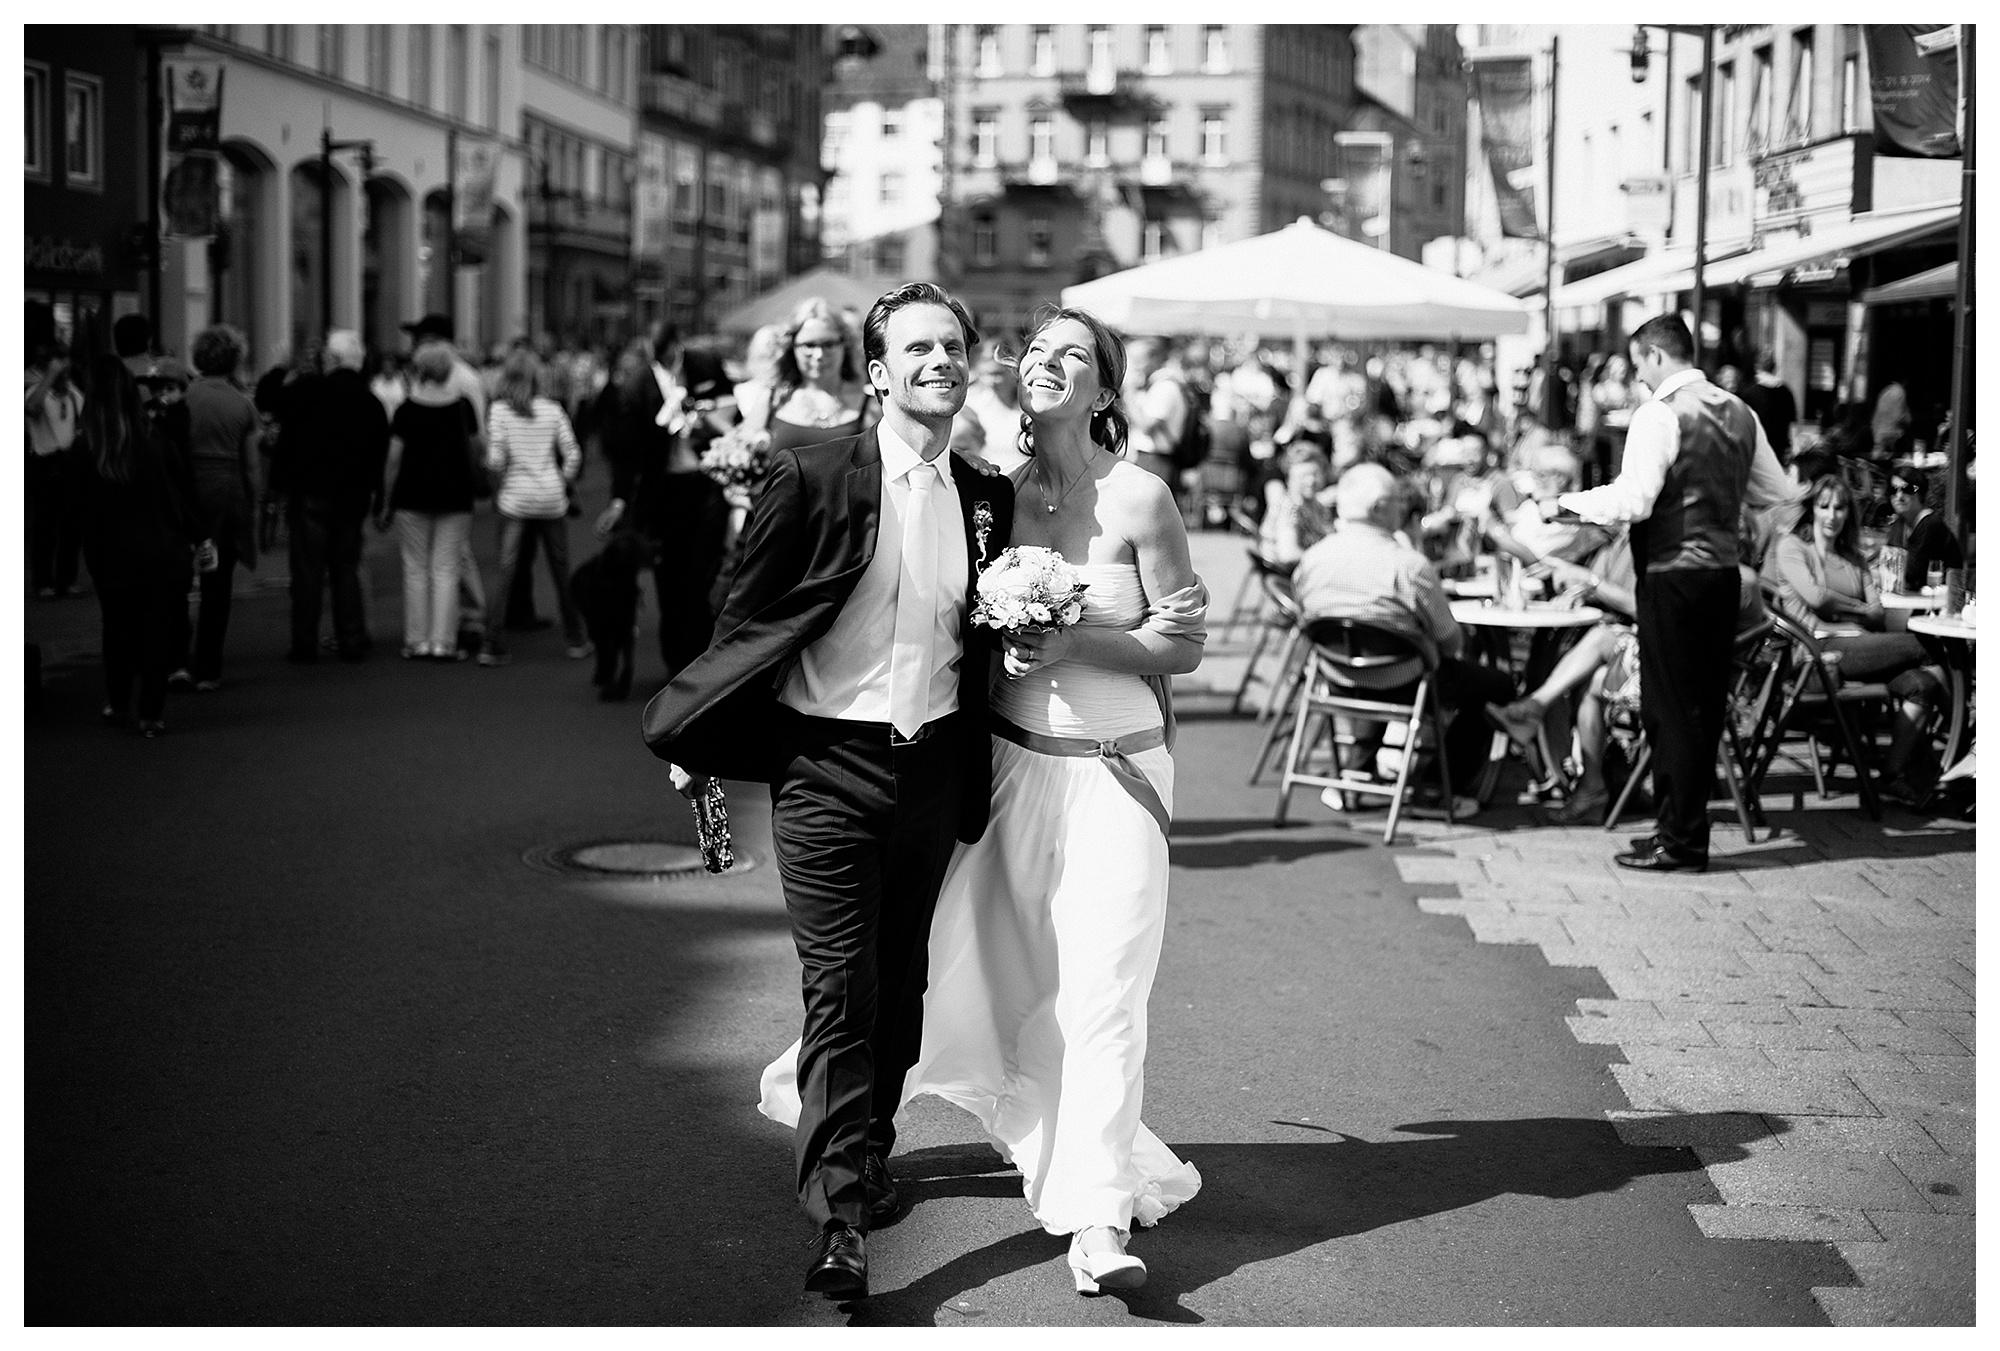 Fotograf Konstanz - Best of 2014 Elmar Feuerbacher Photography Hochzeit Portrait 039 - Rückblick auf 2014  - 29 -